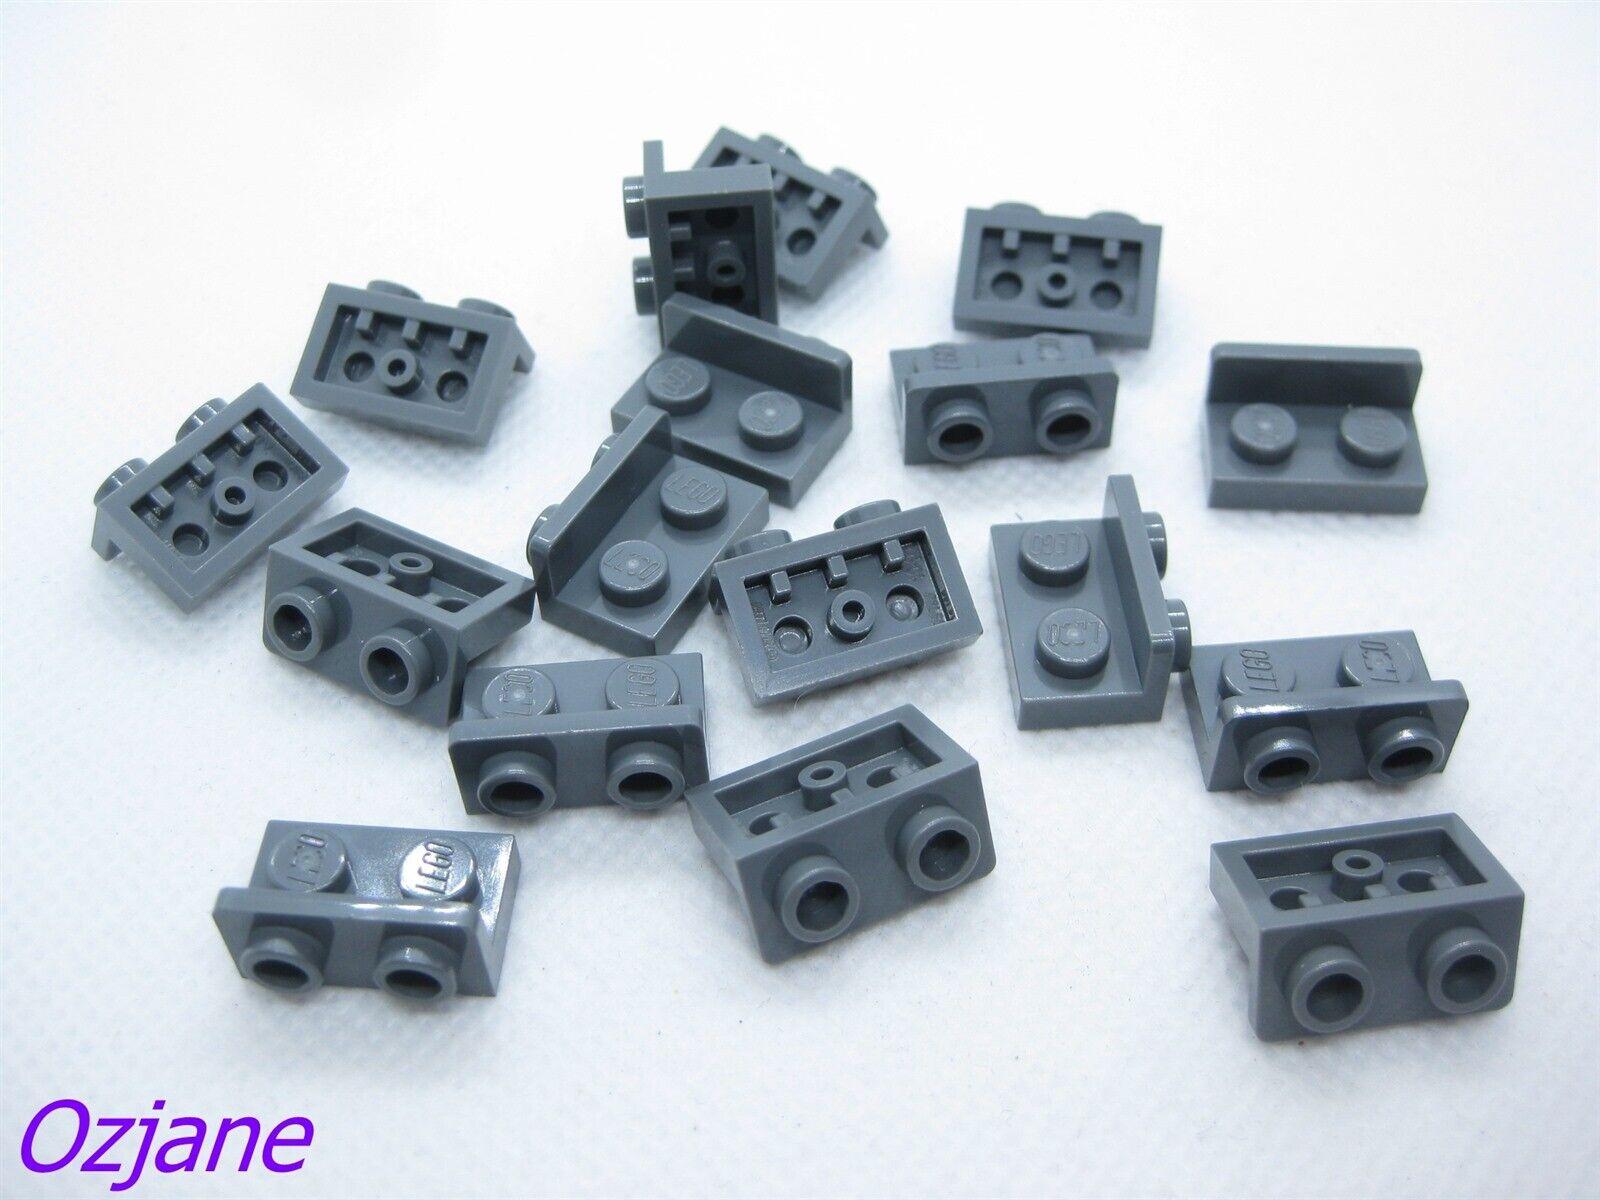 LEGO PART 99780 DARK BLUISH GREY BRACKET 1 X 2-1 X 2 INVERTED 15 PCS